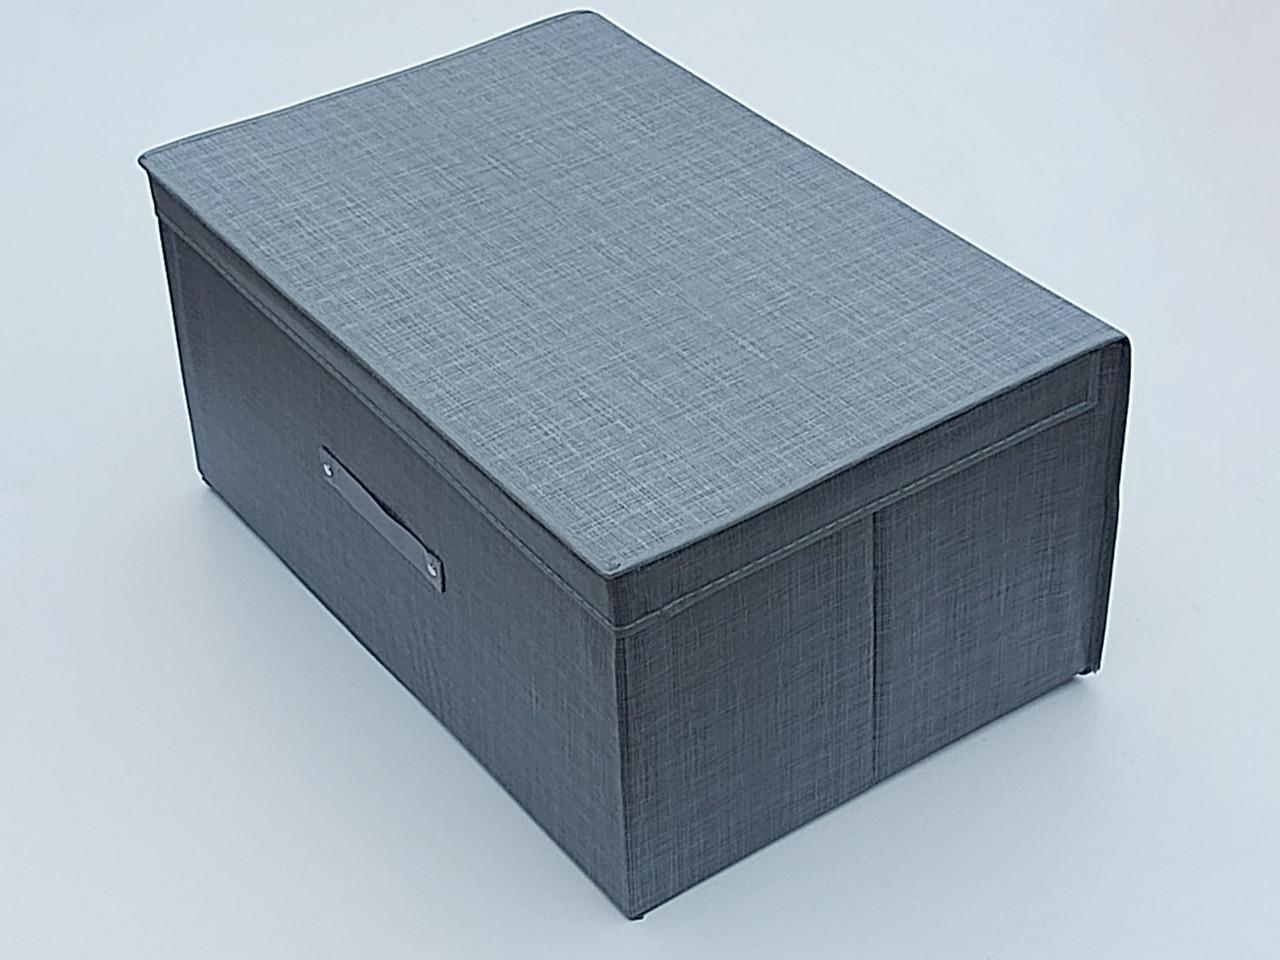 Коробка-органайзер   Ш 60*Д 30*В 40 см. Цвет темно-серый для хранения одежды, обуви или небольших предметов